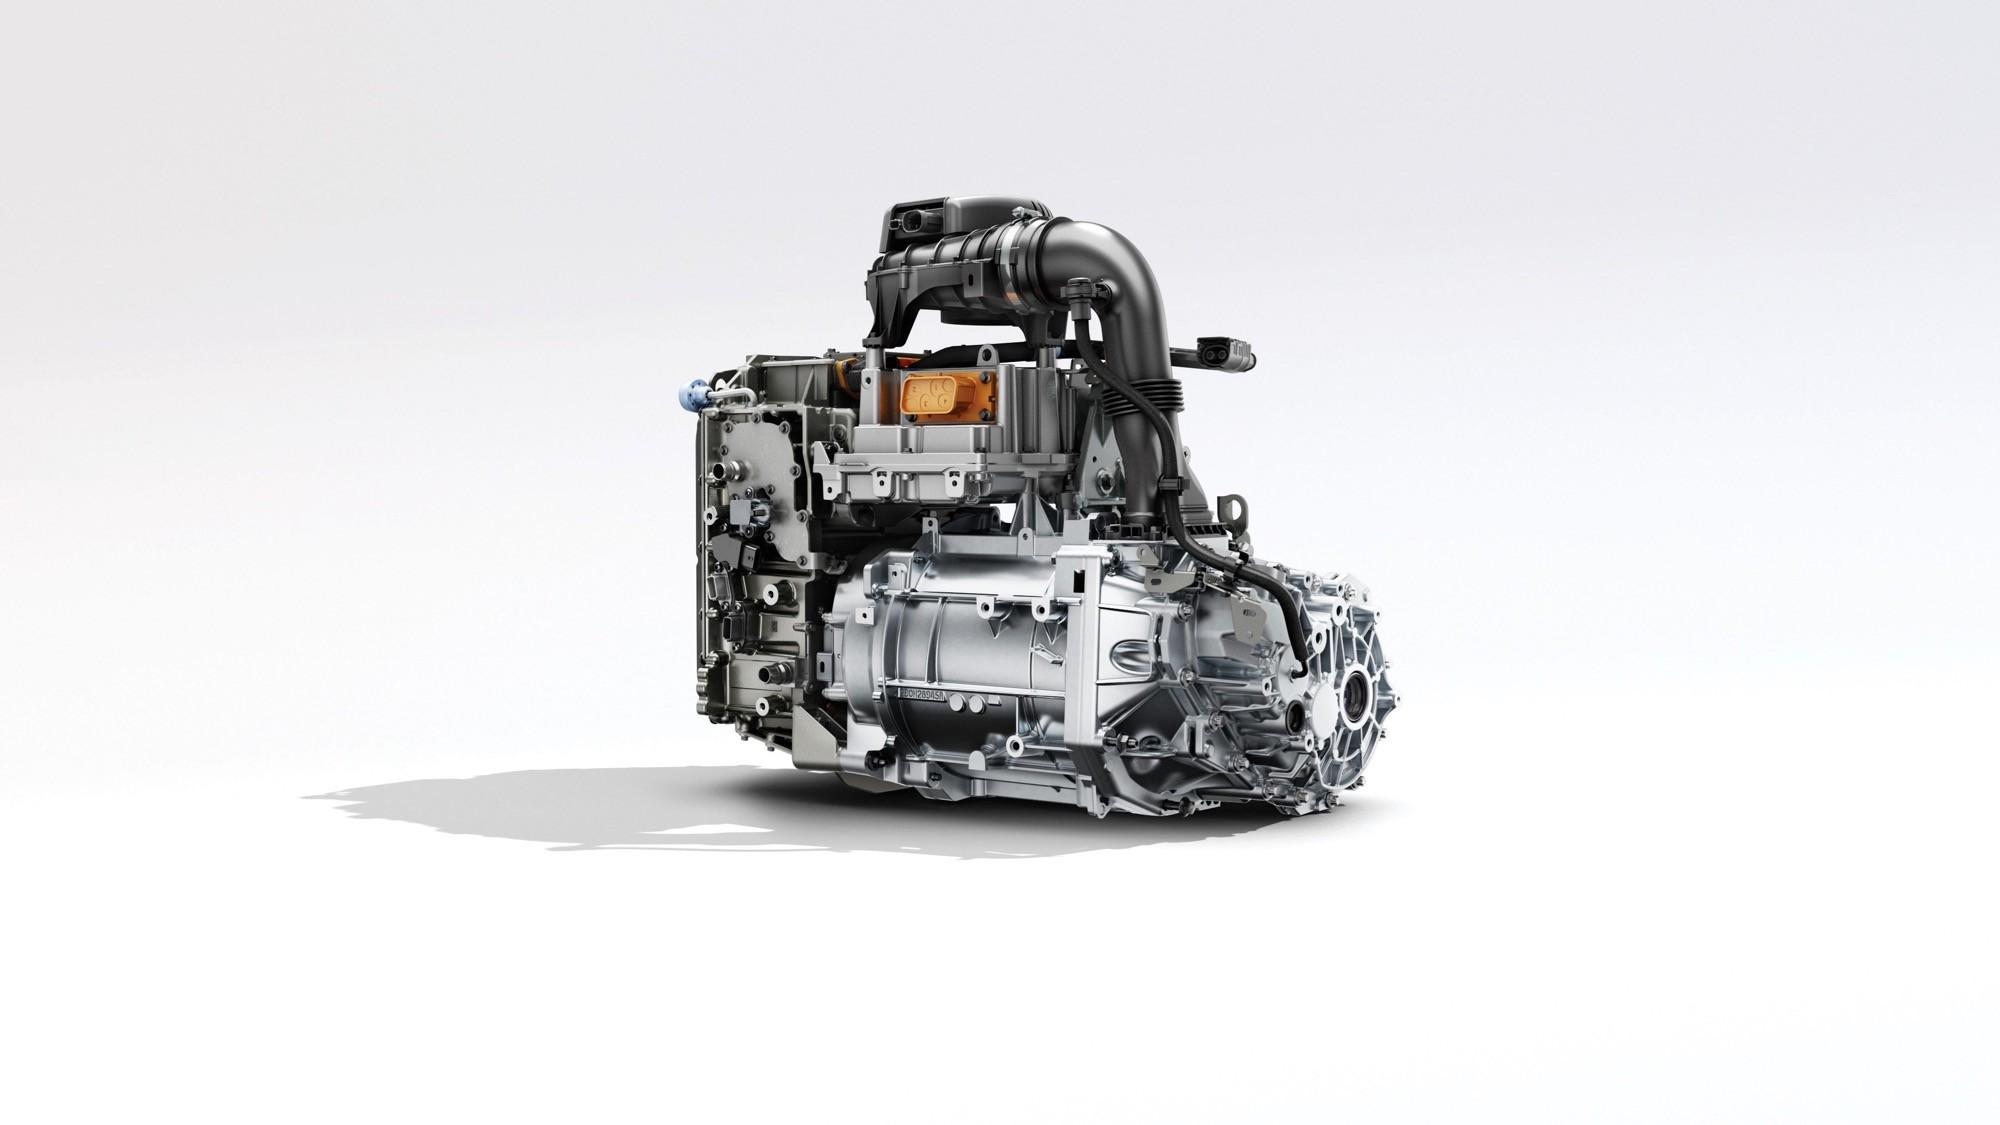 Elektroauto: Neuer Renault Zoe fährt 390 Kilometer weit - Der neue Motor des Renault Zoe (Bild: Renault)